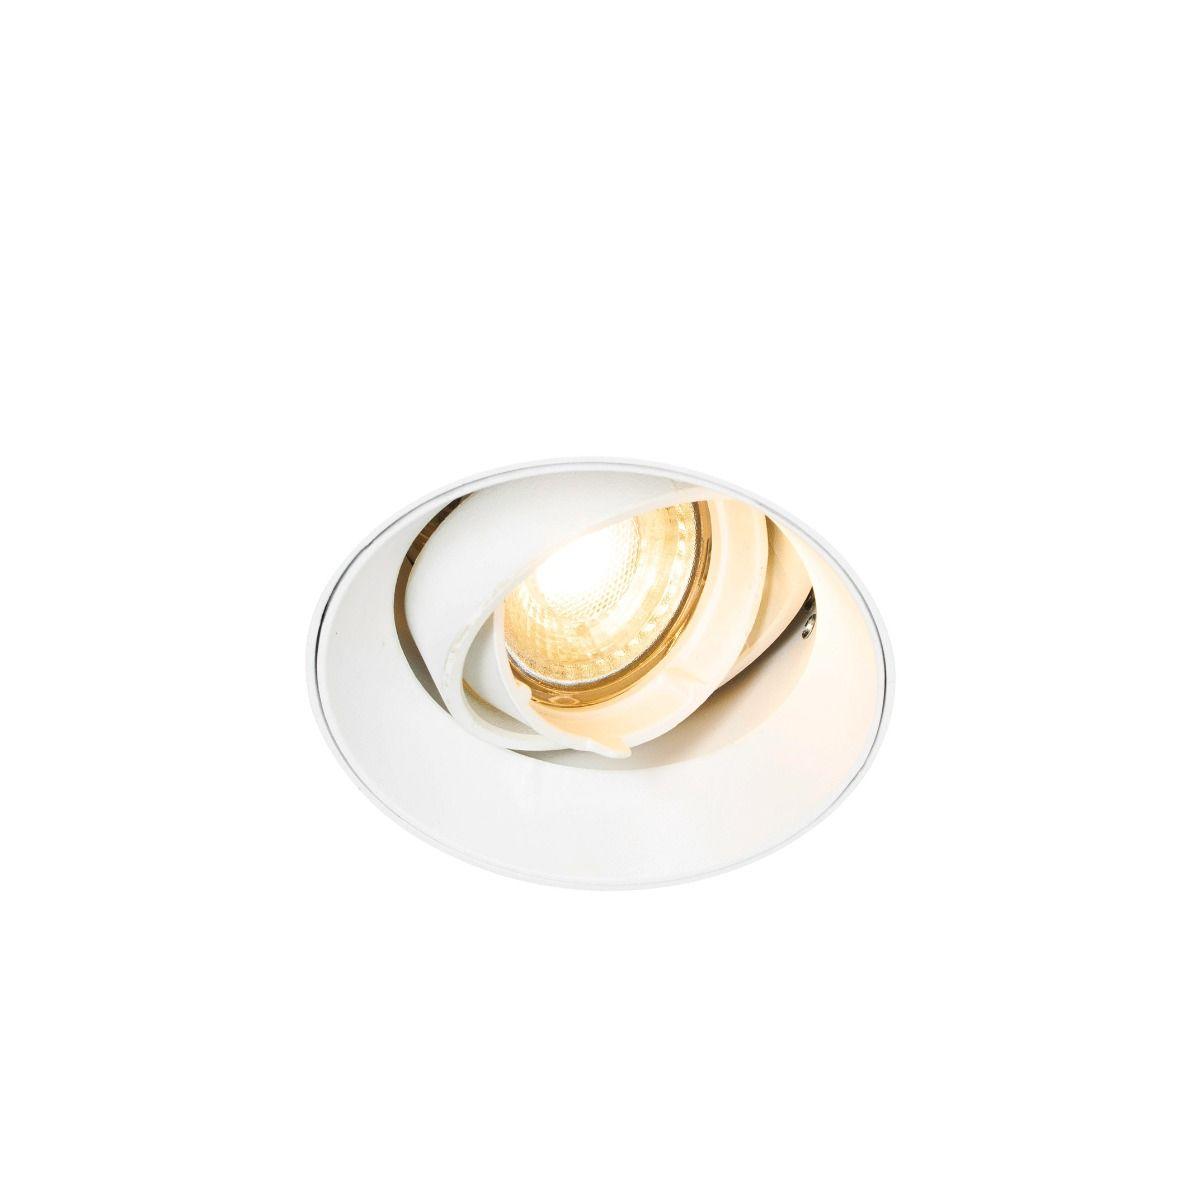 Спот лампа Oneon, бяла, малка